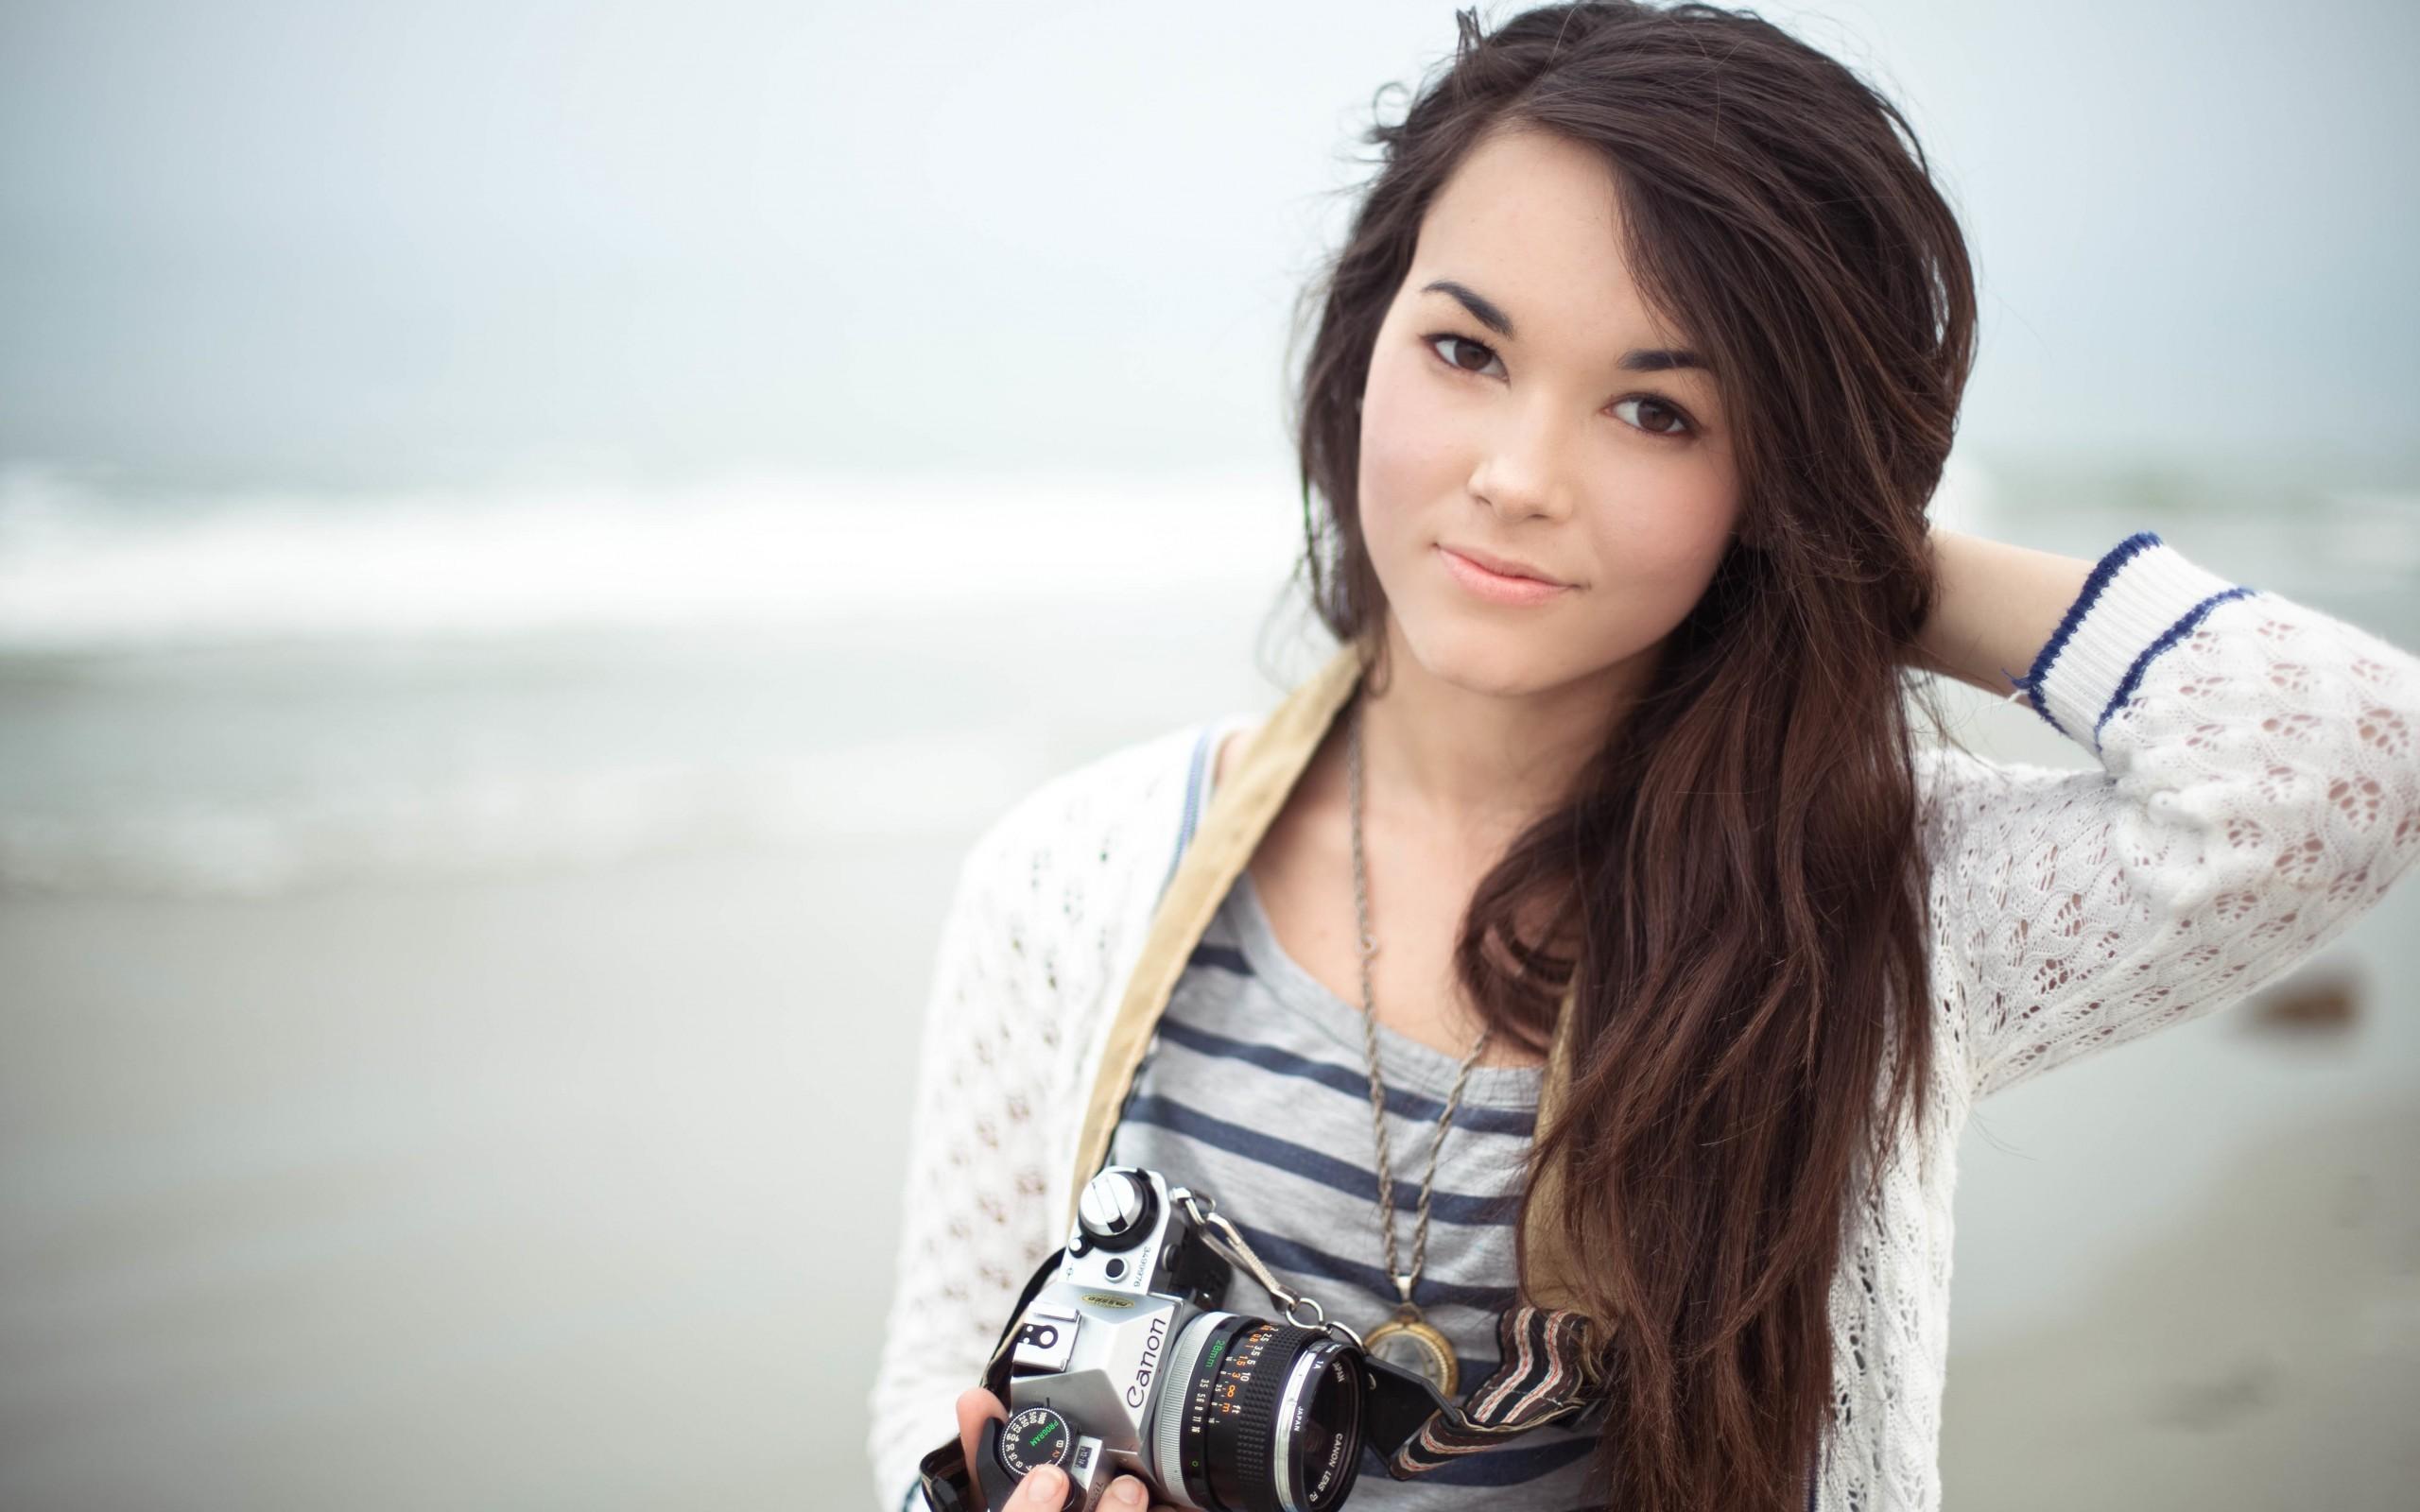 Una linda fotógrafa - 2560x1600